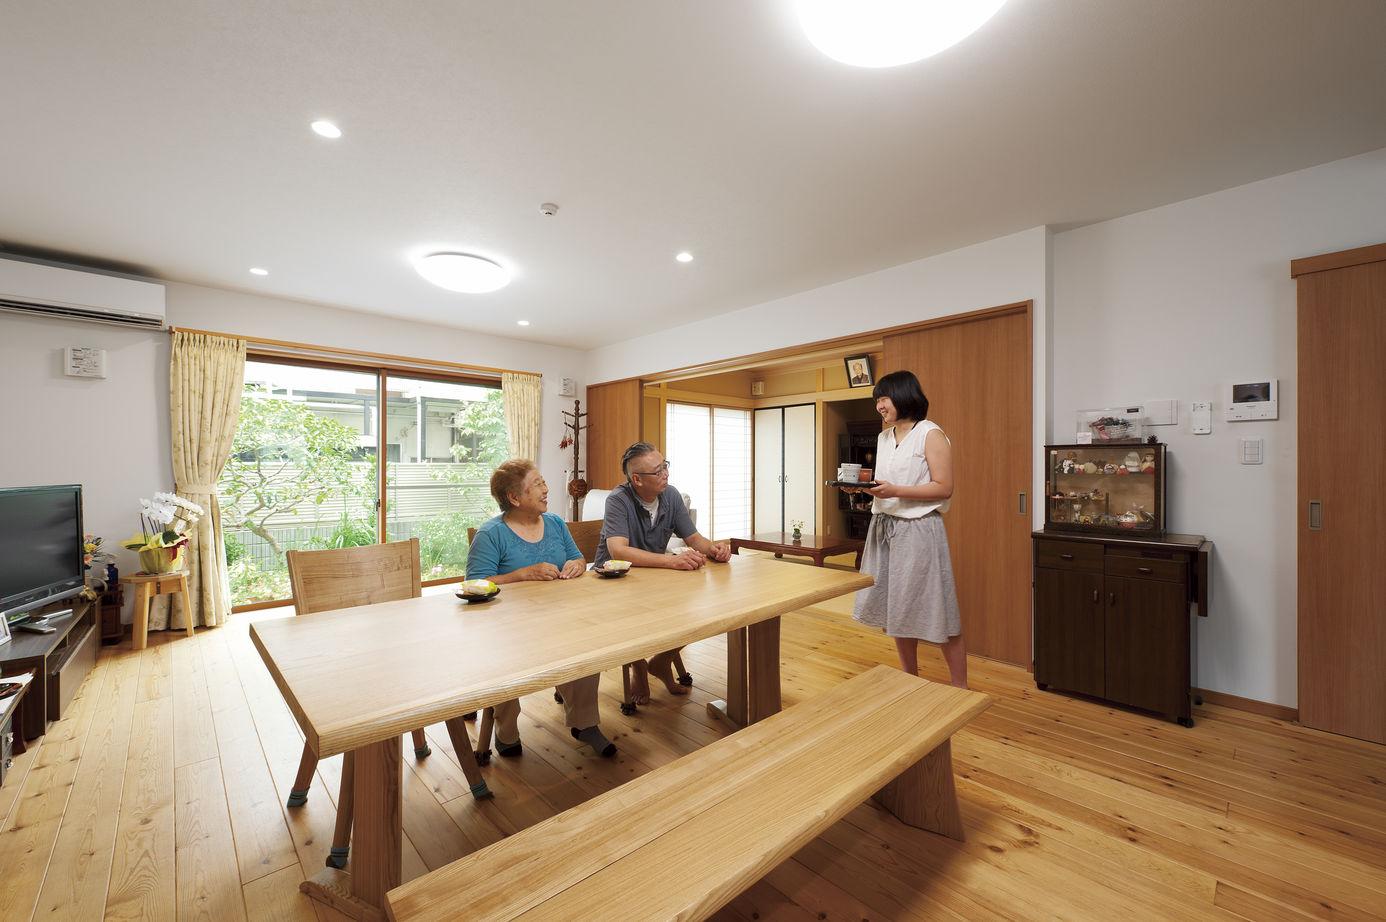 2階には子世帯用のLDKも実現。屋根面まで天井を高くして、より開放的なスペースに